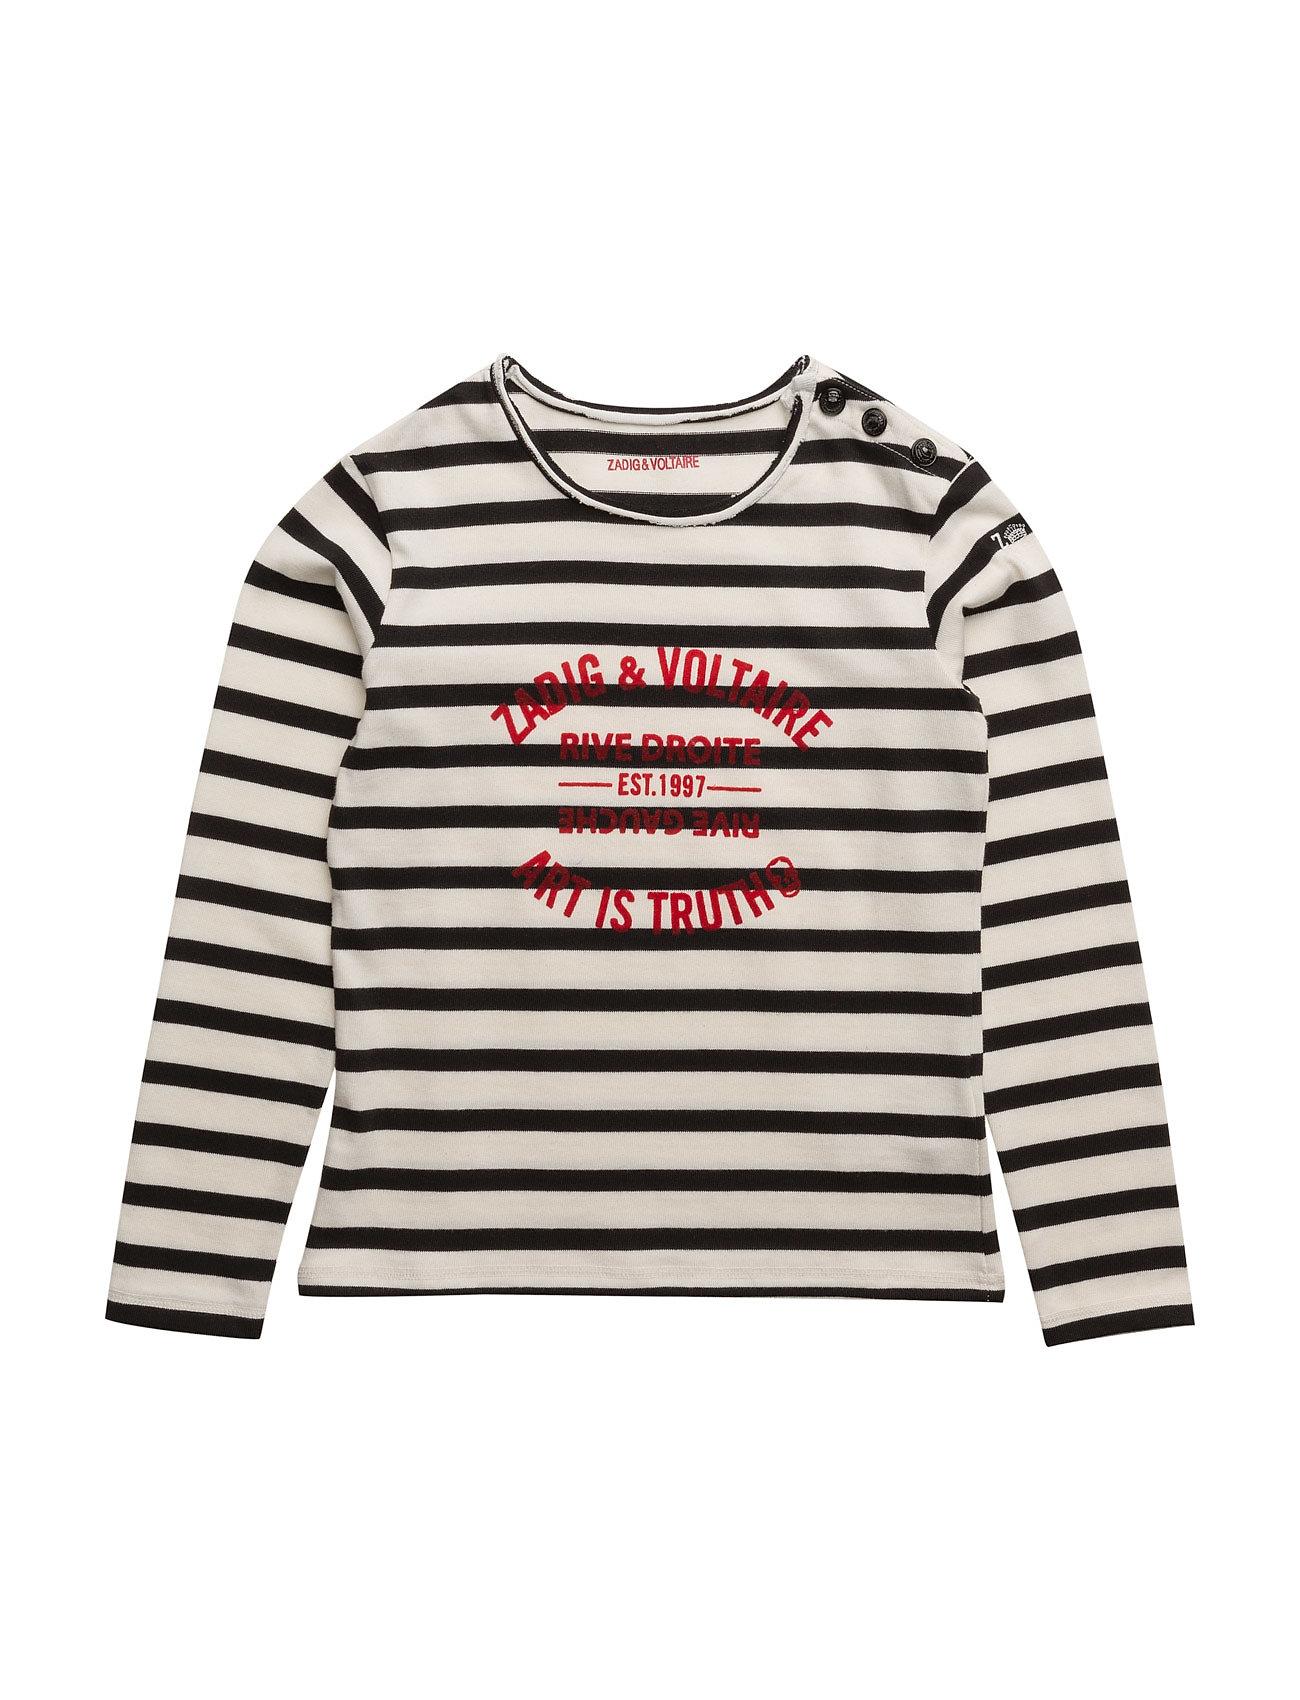 zadig & voltaire – Long sleeve t-shirt på boozt.com dk